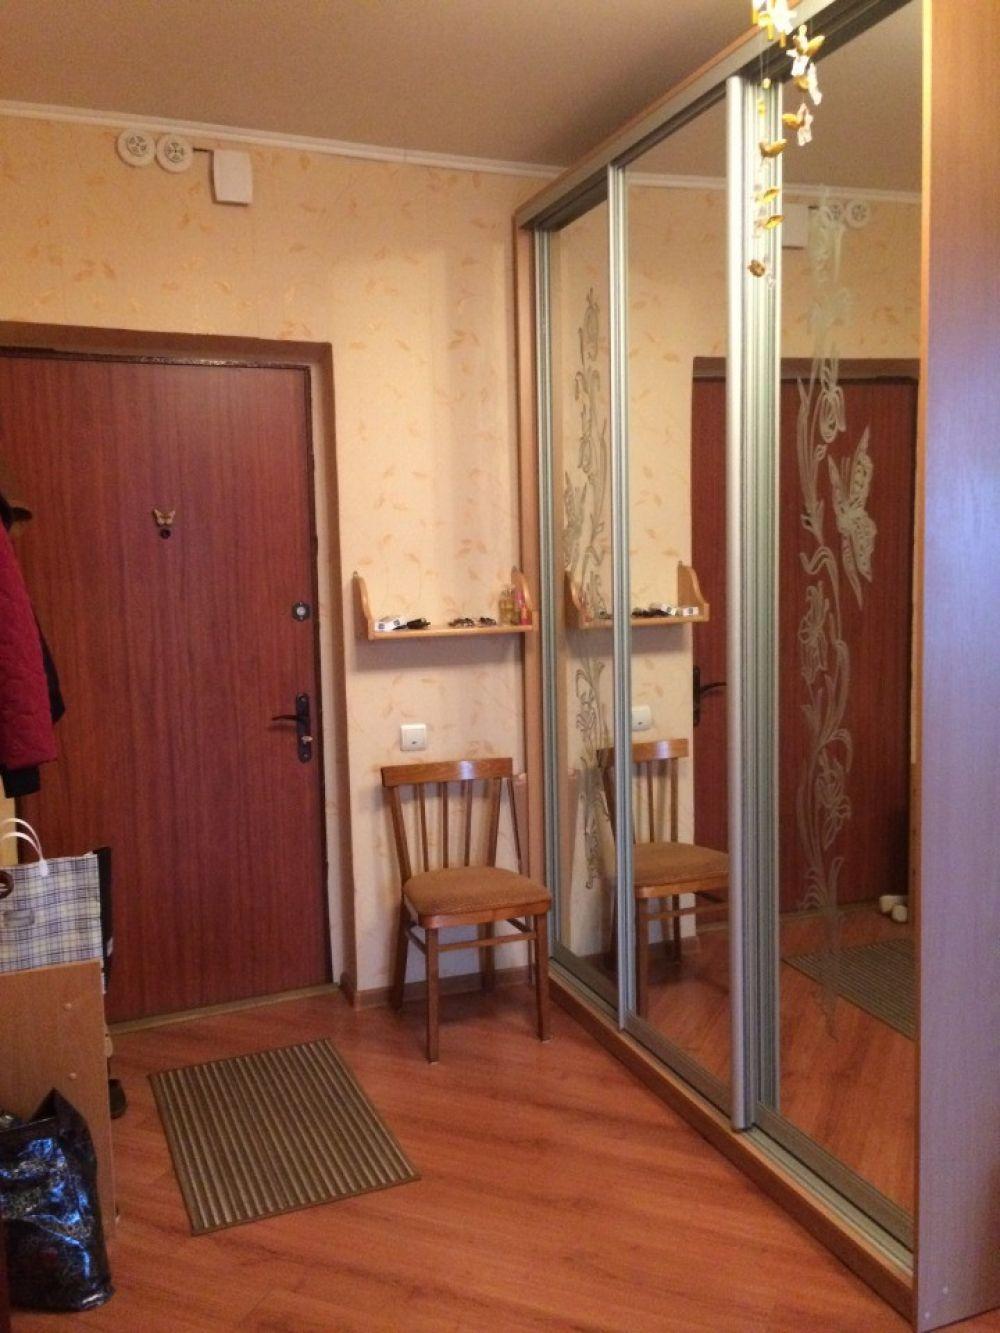 3-к квартира, Щелково, улица Шмидта, 6, фото 18